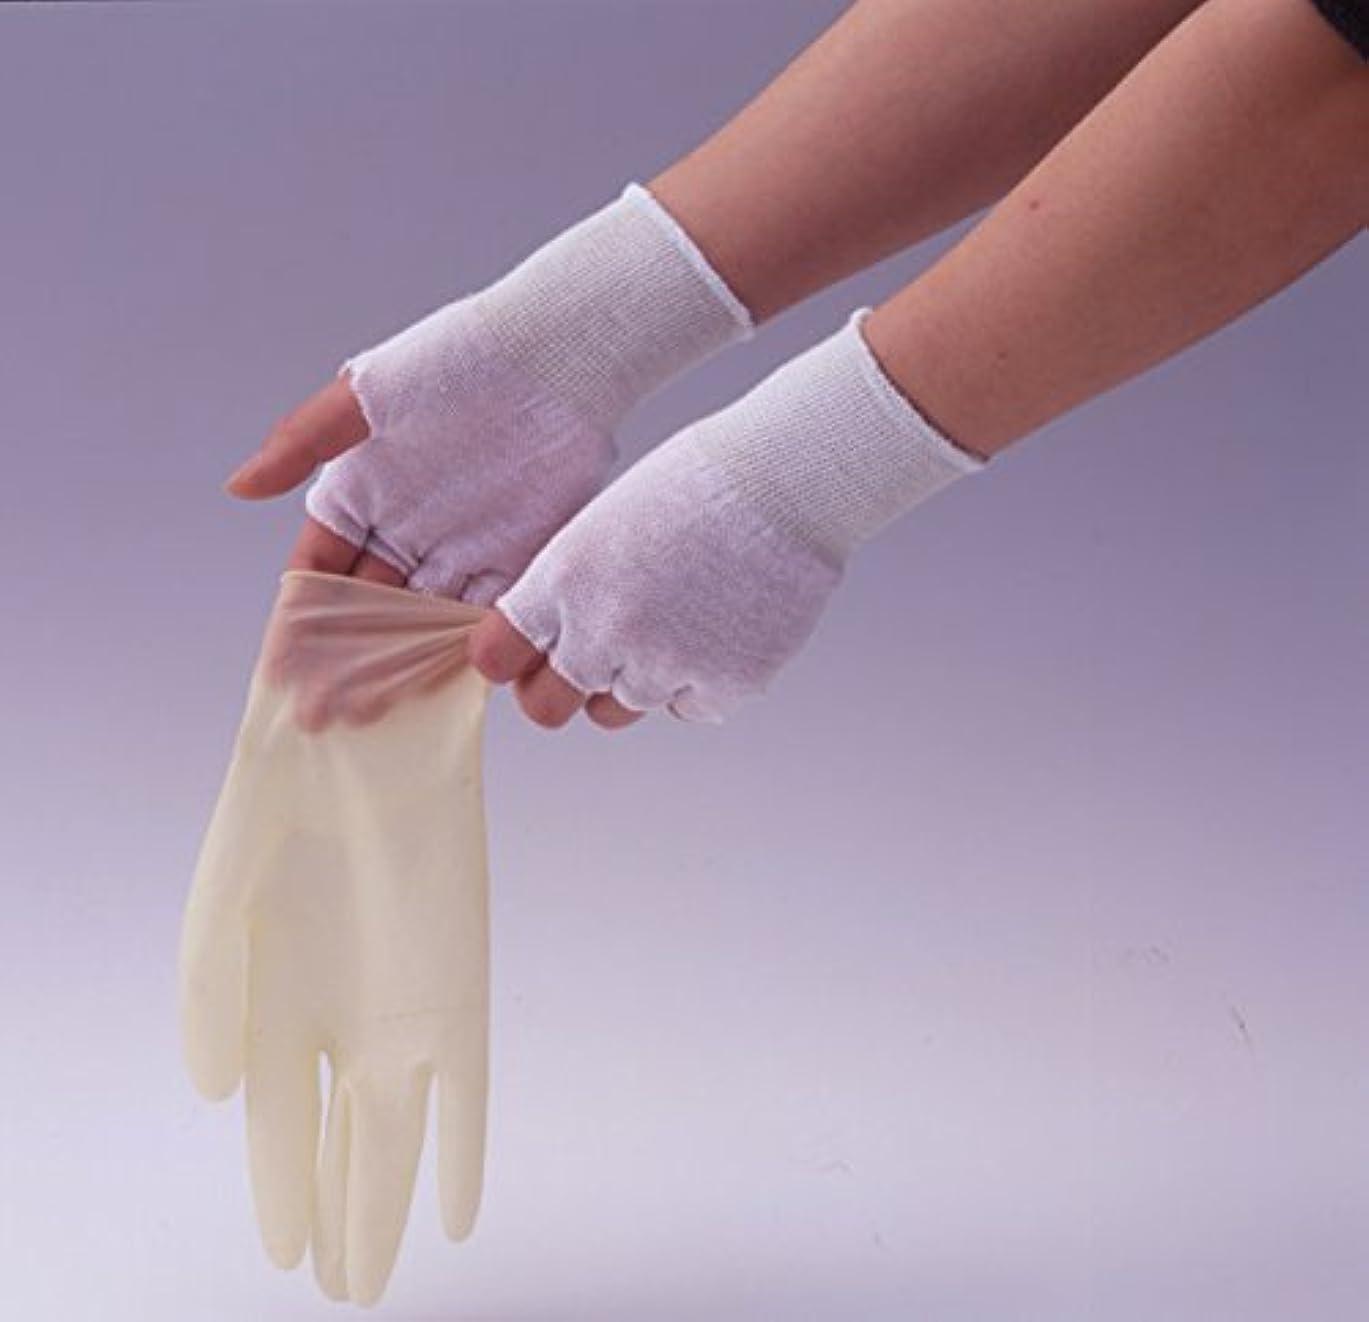 小説家ヘクタール報告書やさしインナー手袋 (綿100%指なし) 200組/カートン 激安業務用パック